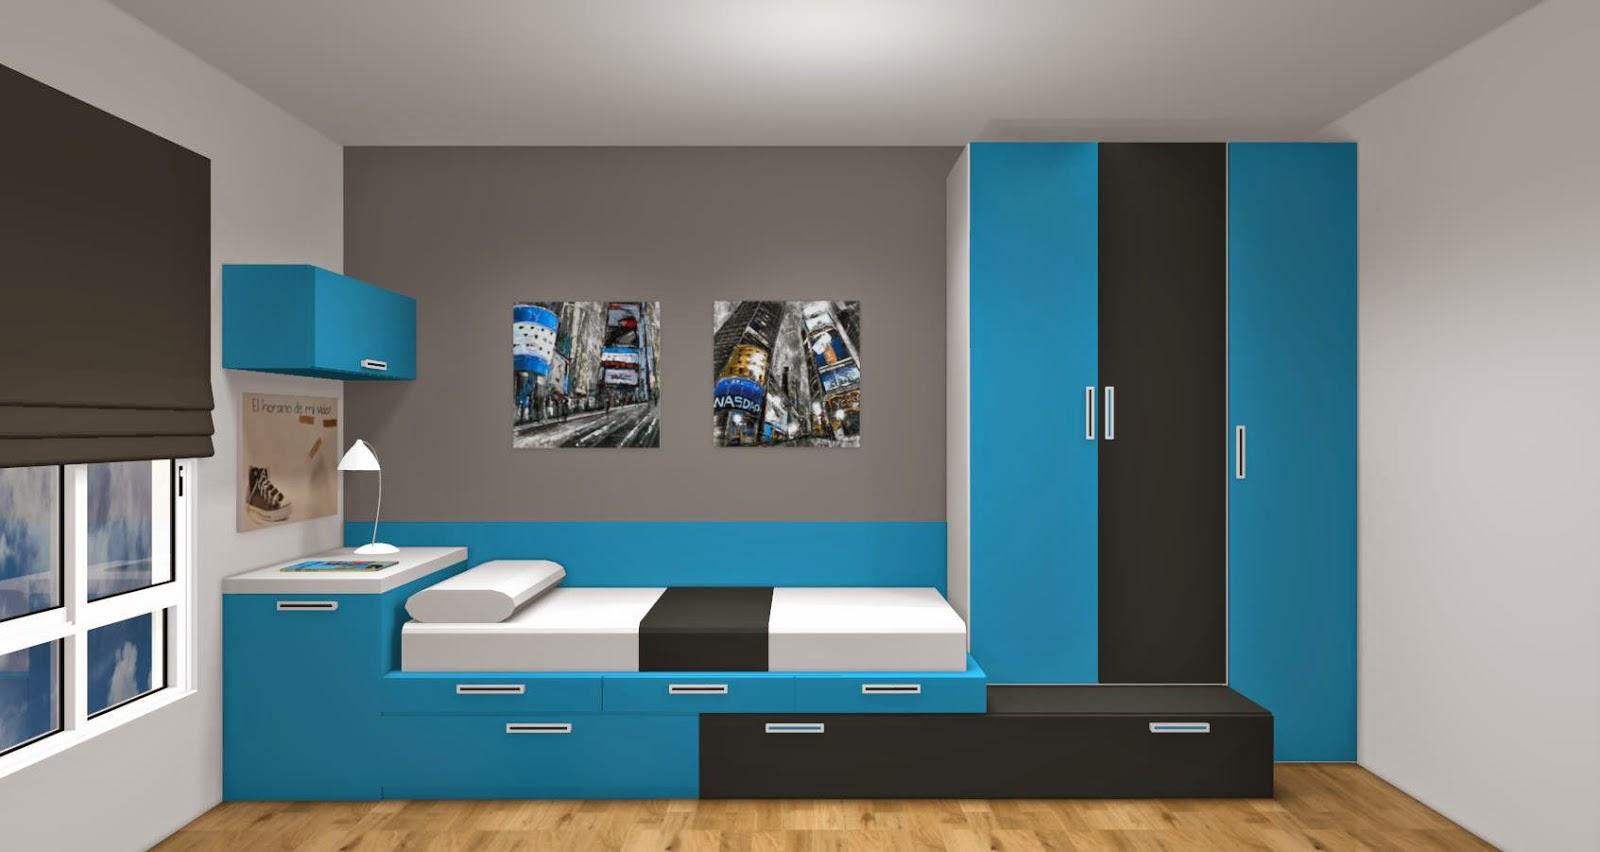 4 consejos antes de comprar dormitorios juveniles - Dormitorio para dos ninos ...